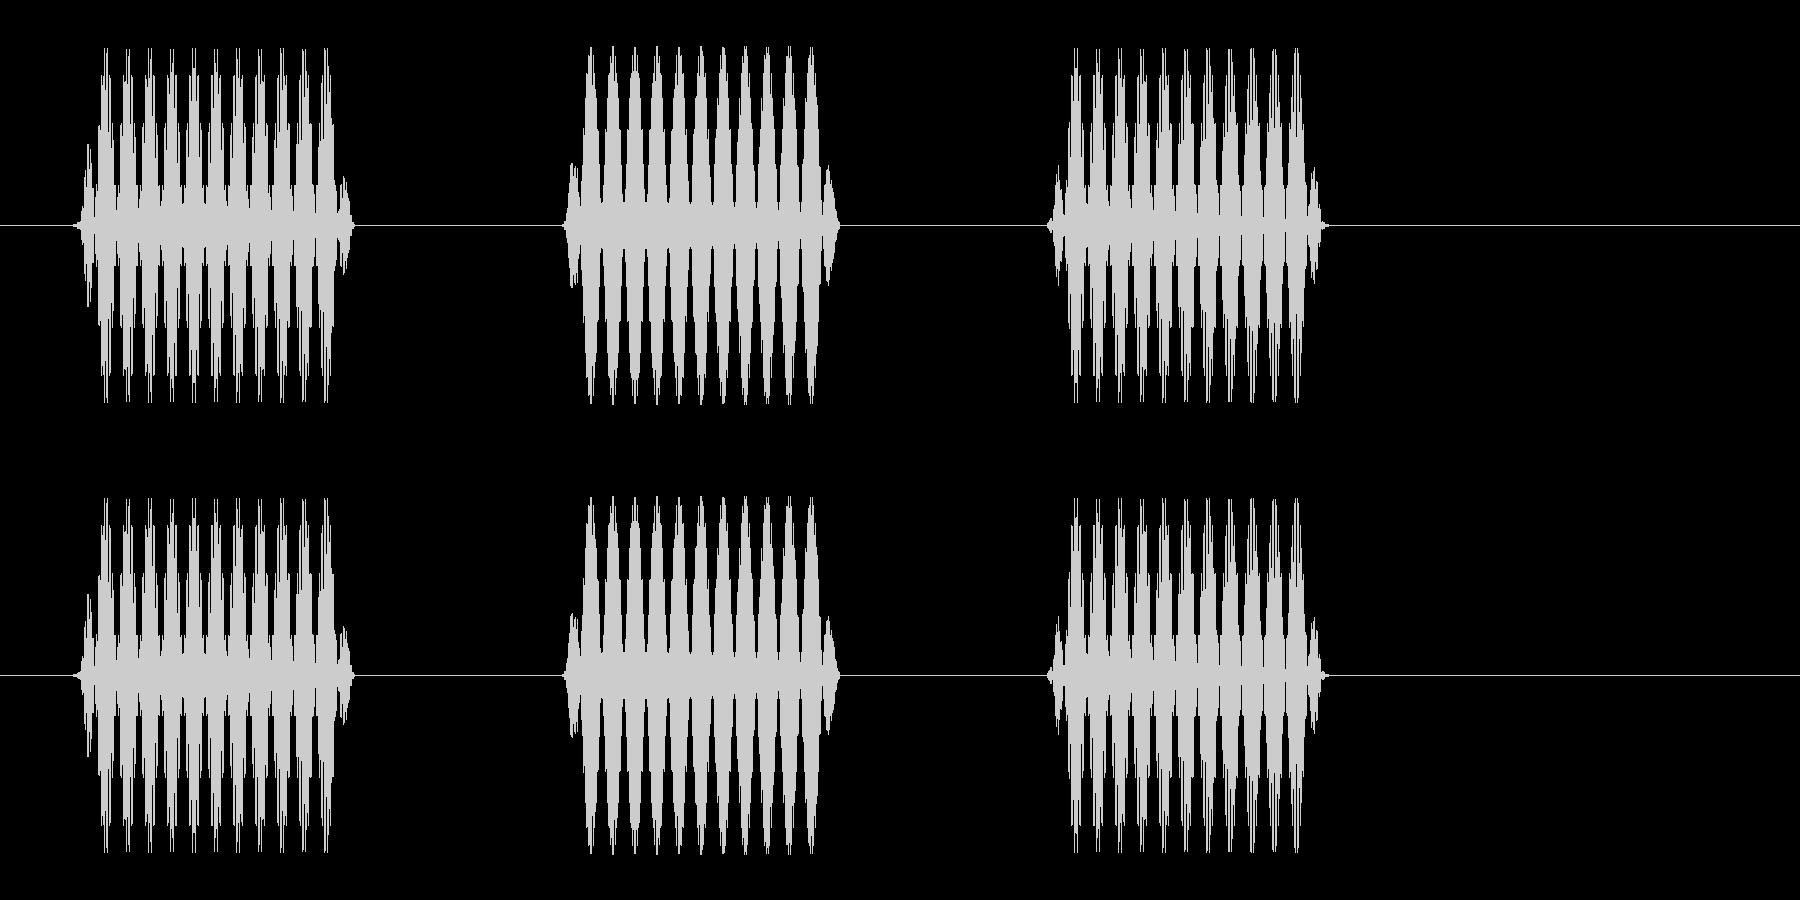 ポピポ (研究や医療に適した効果音)の未再生の波形